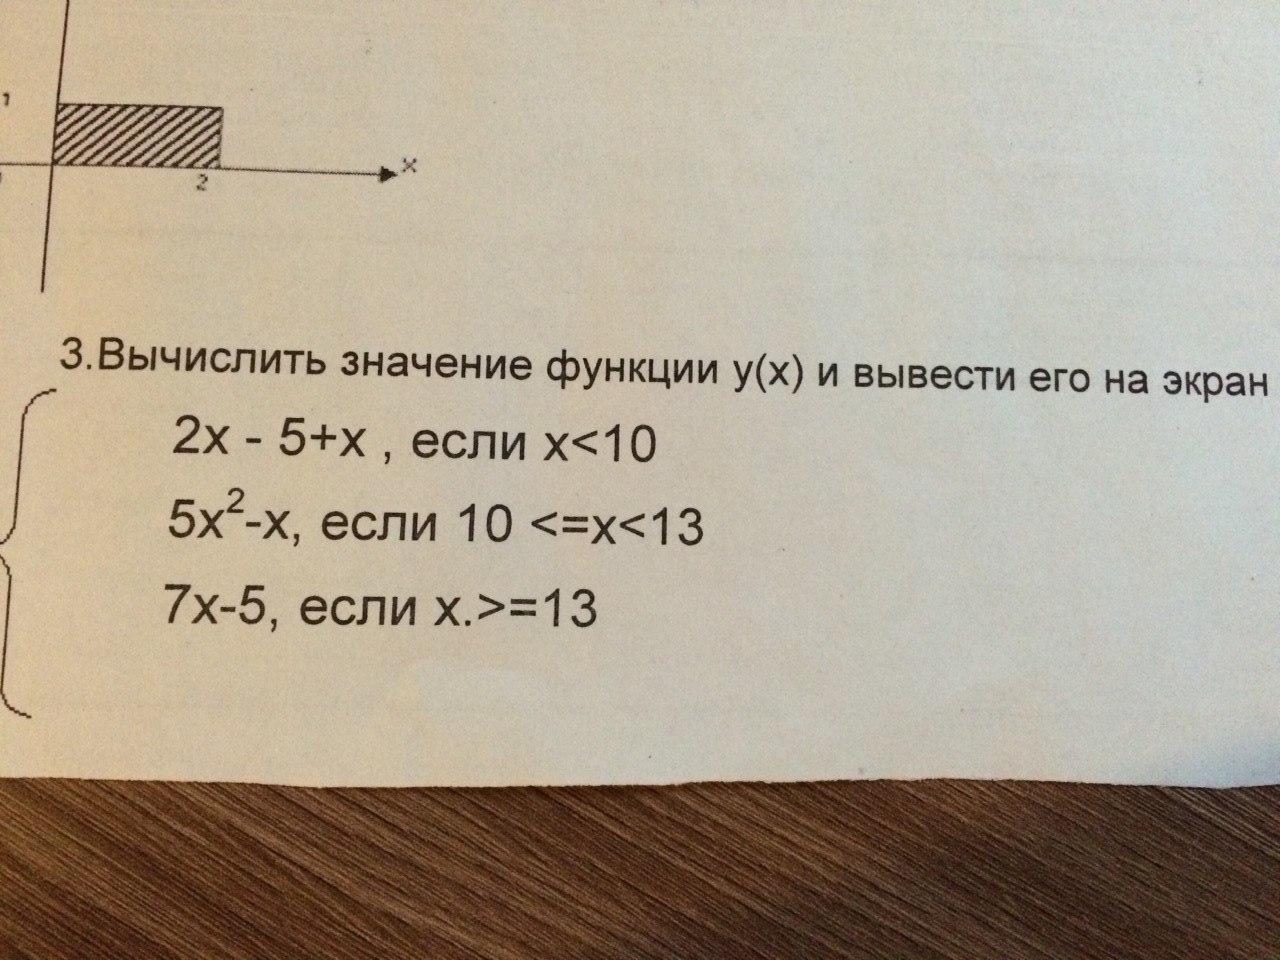 Написать программу в Pascal ABC. Вычислить значение функции y(x) и вывести его на экран